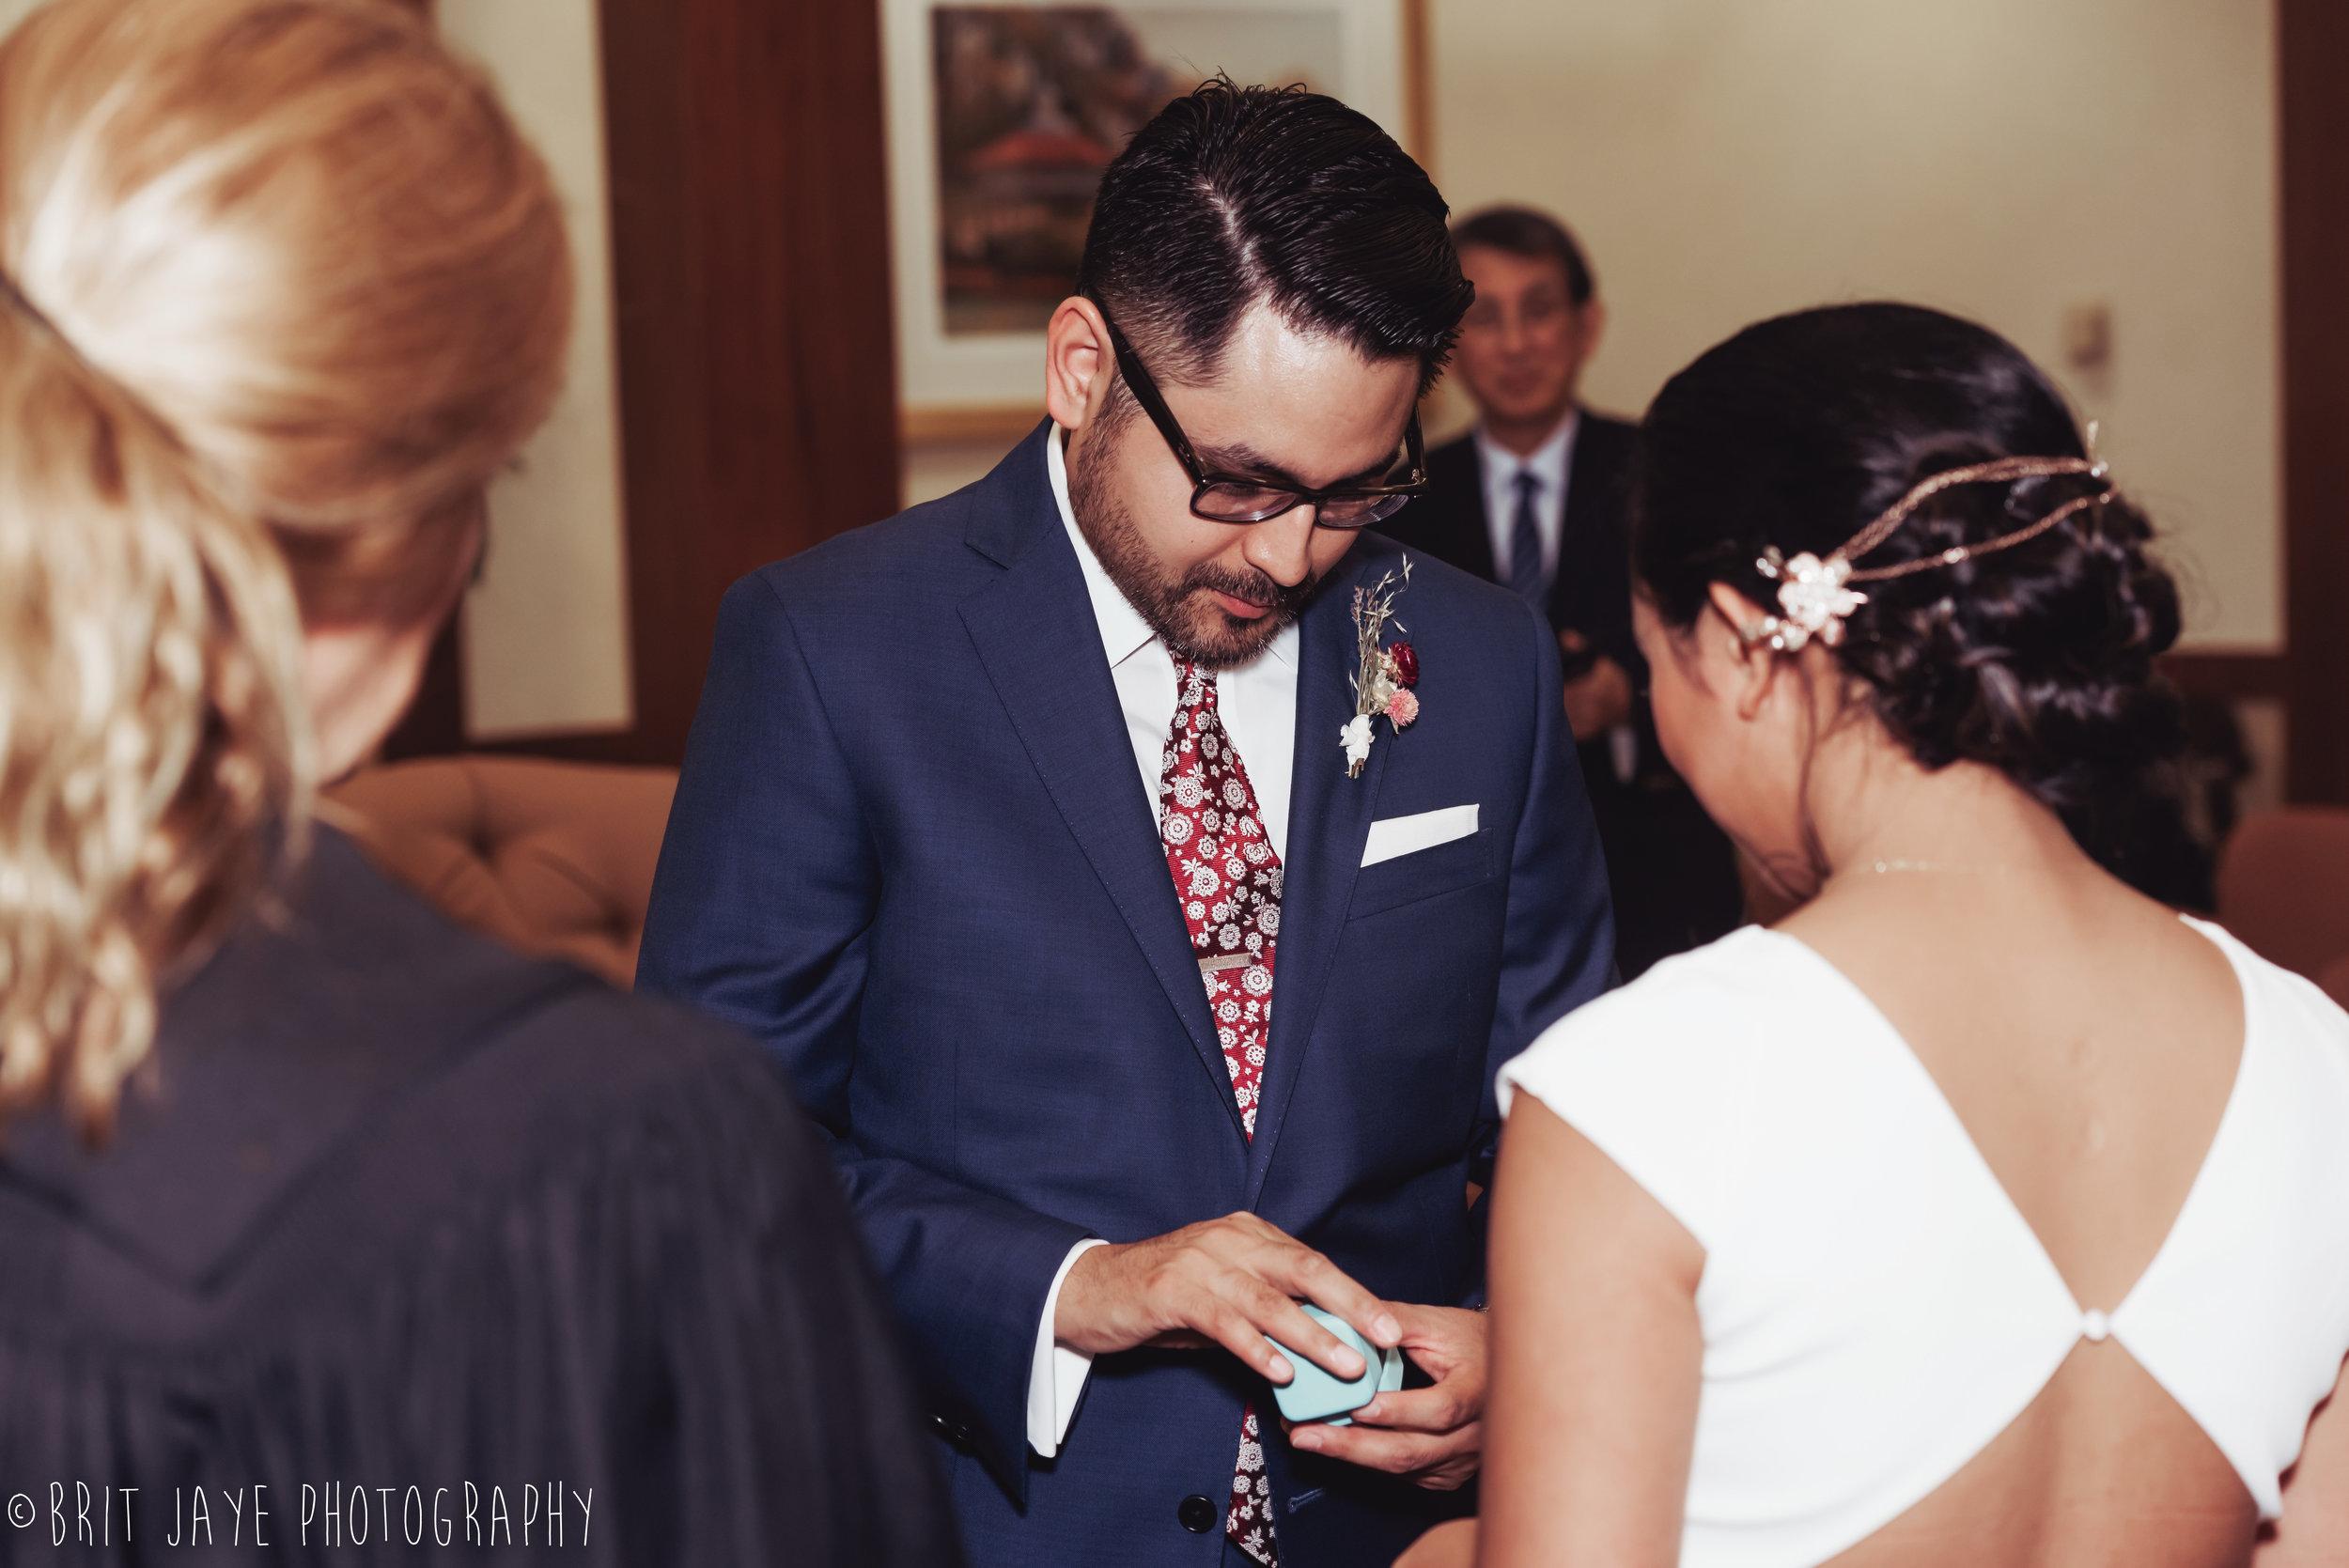 Oakwood_Courthouse_Wedding_Ceremony-37.jpg